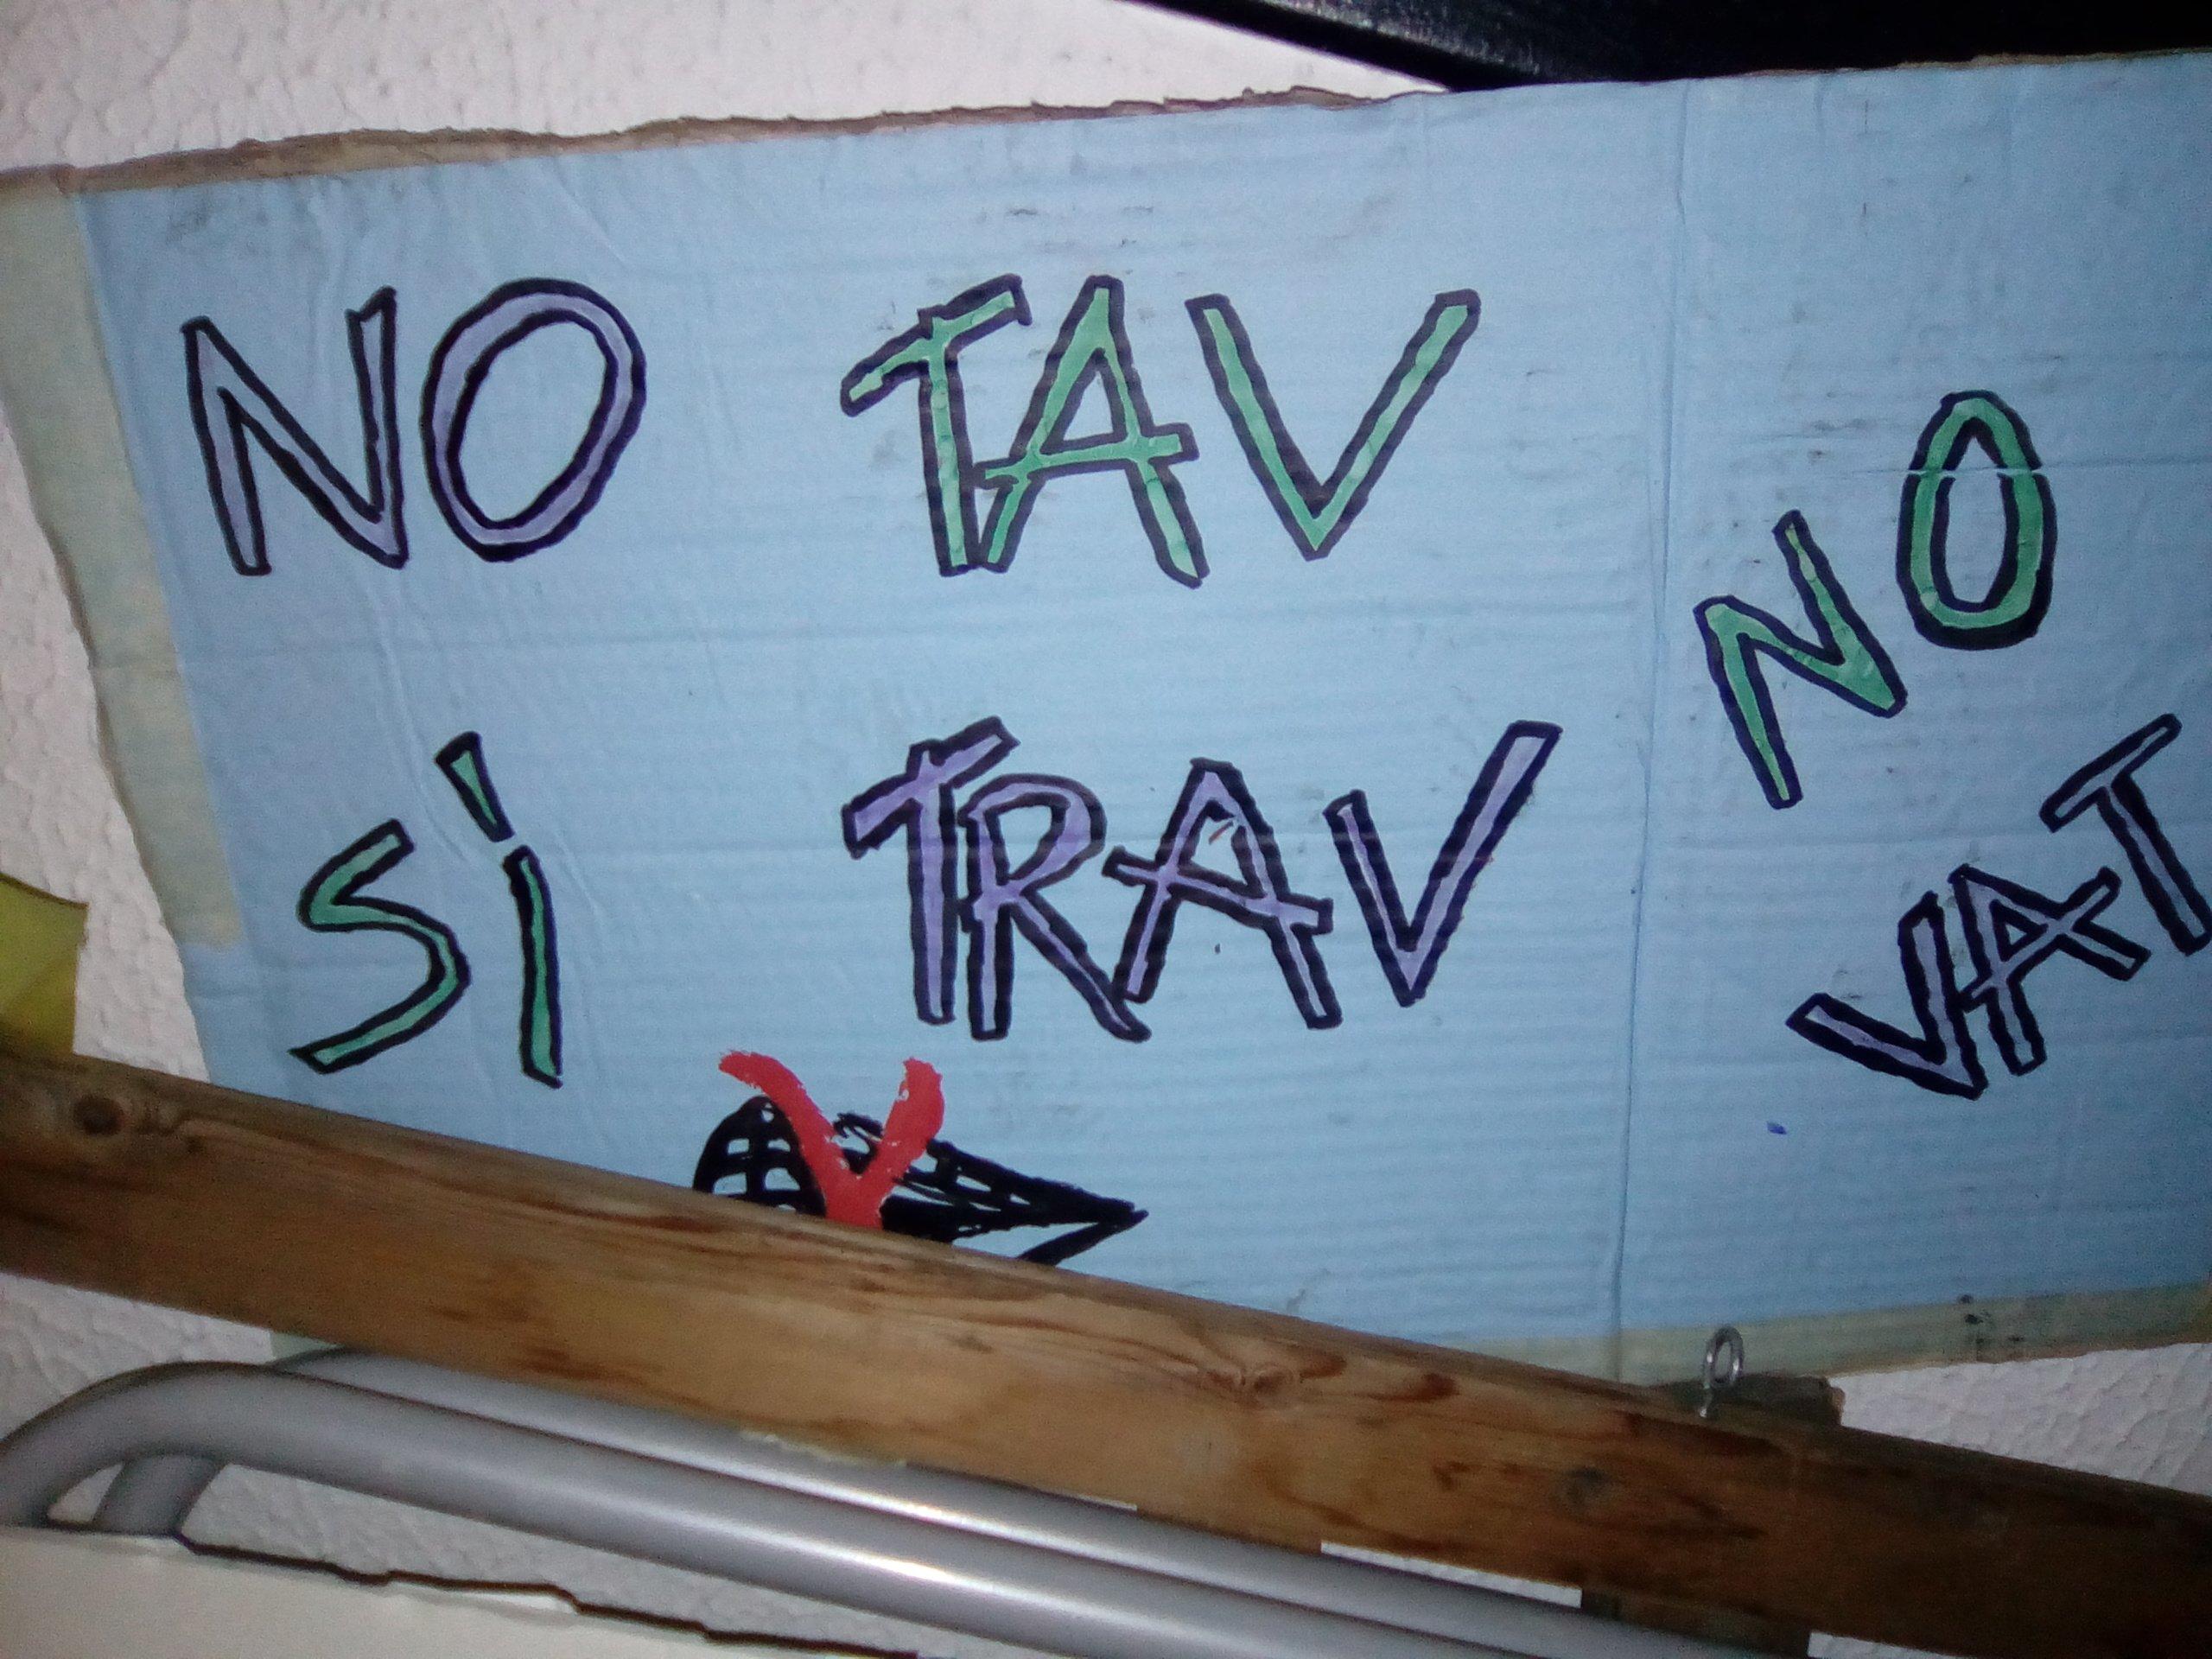 No Tav, Sì Trav. Cartello apparso Nessun* Norma, pride contro decoro e frontiere, Torino, 28 giugno 2018.